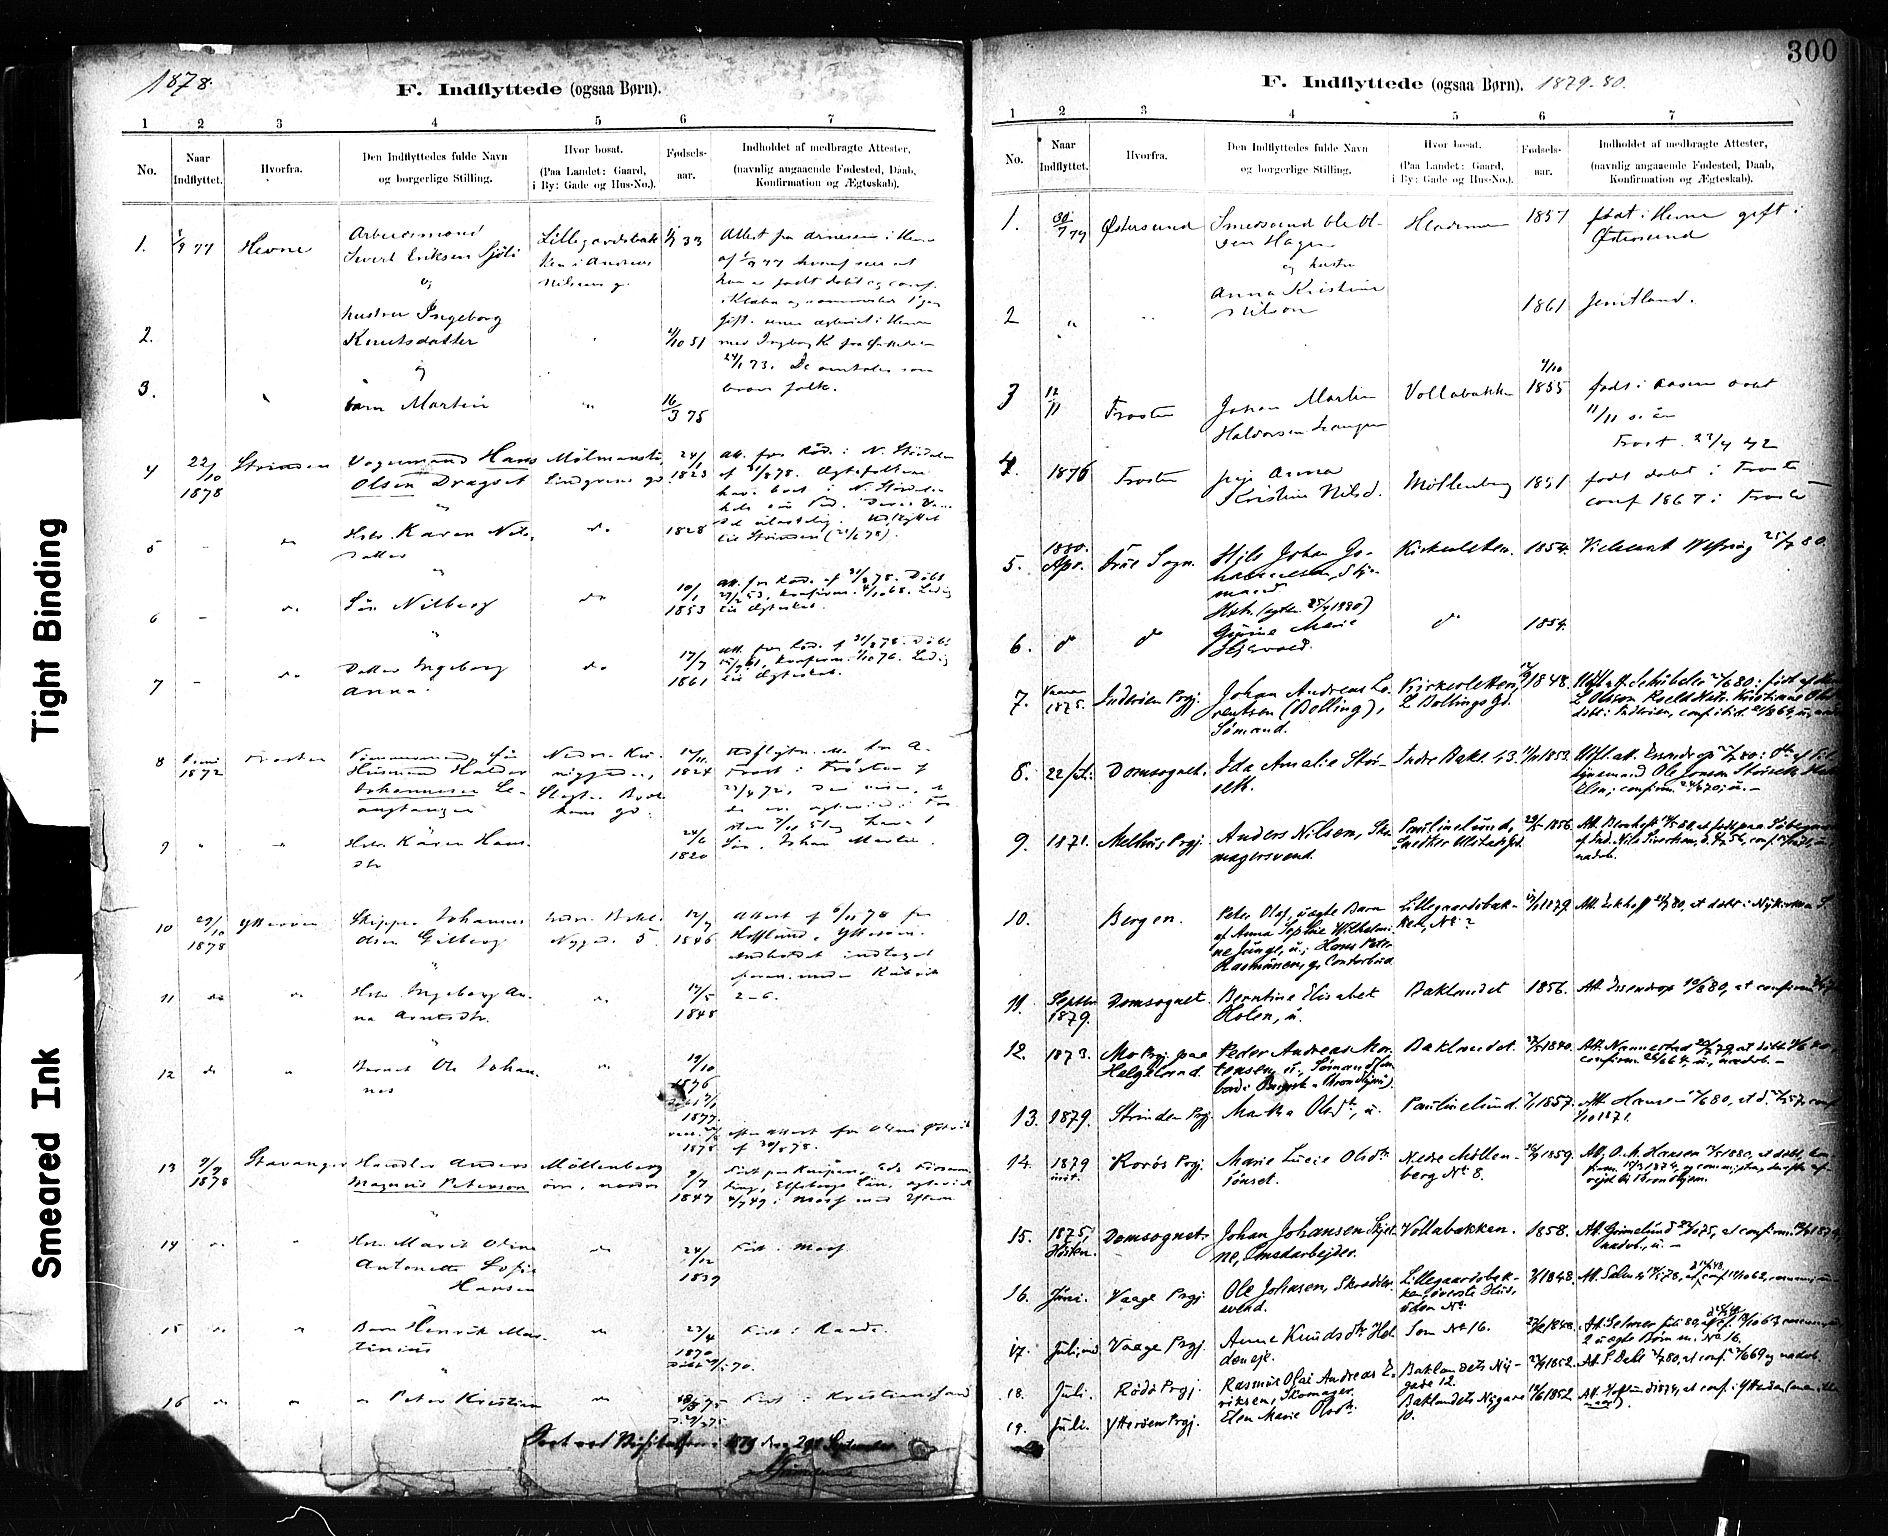 SAT, Ministerialprotokoller, klokkerbøker og fødselsregistre - Sør-Trøndelag, 604/L0189: Ministerialbok nr. 604A10, 1878-1892, s. 300